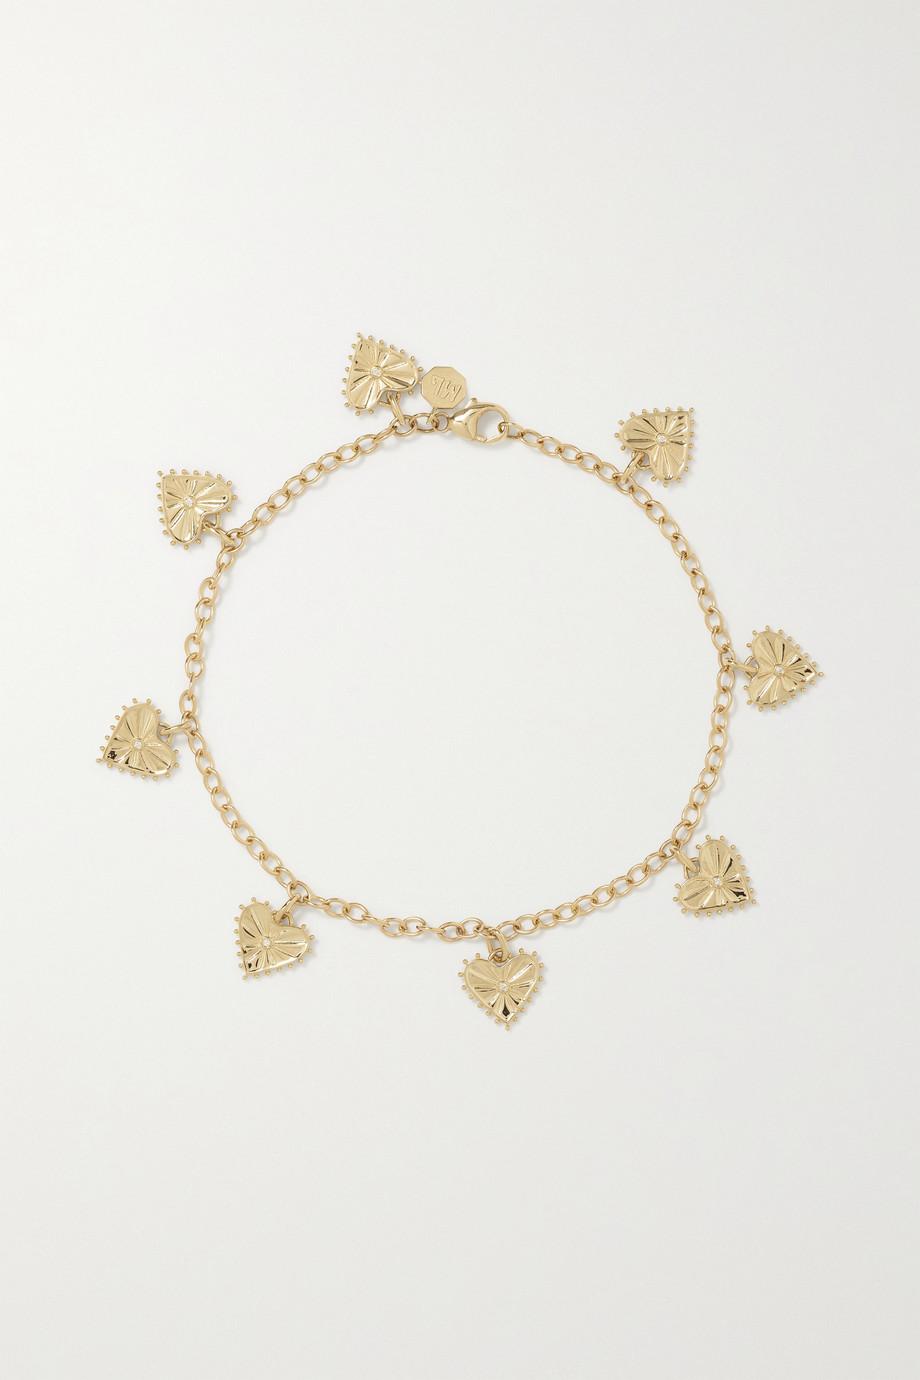 Marlo Laz Agape Fußkettchen aus 14 Karat Gold mit Diamanten